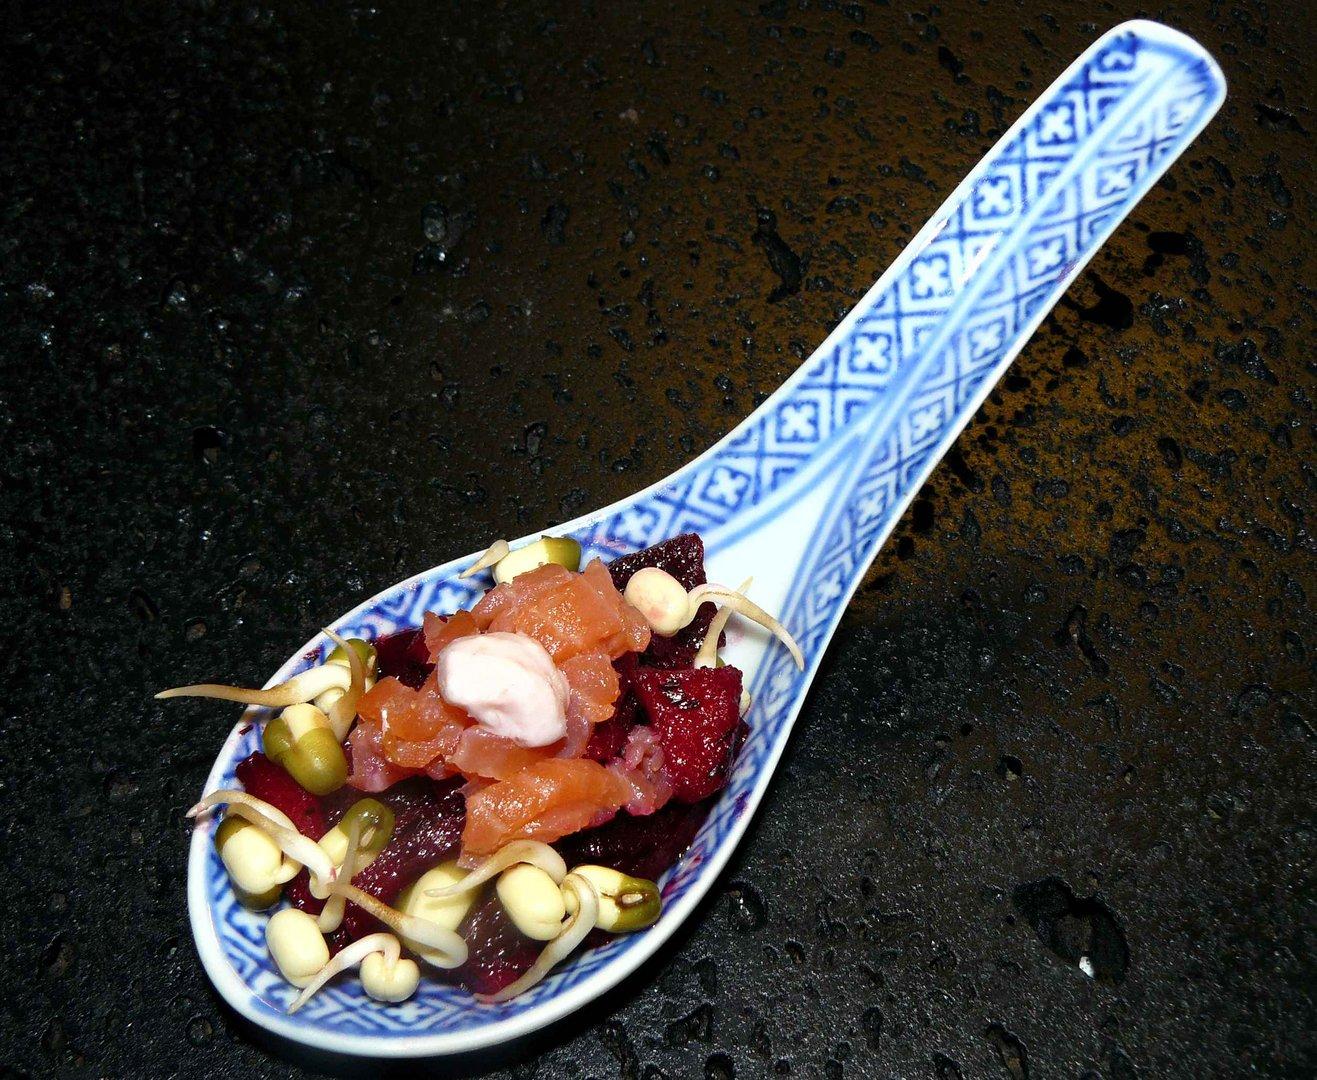 Gruß aus der Küche Foto & Bild | stillleben, essen & trinken ...